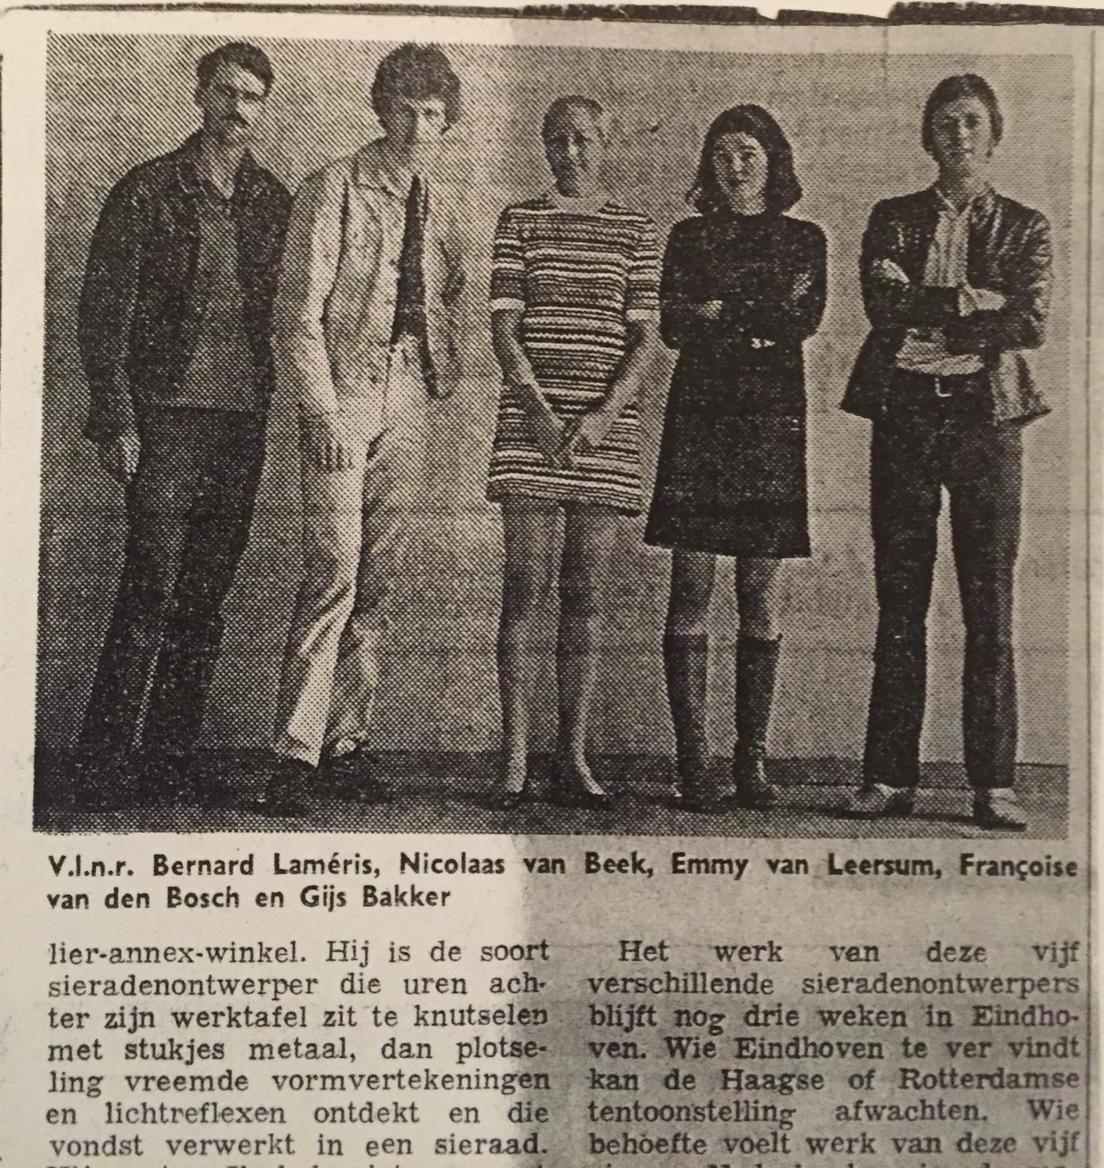 Bernard Laméris, Nicolaas van Beek, Emmy van Leersum, Françoise van den Bosch en Gijs Bakker. Foto met dank aan Bernard Laméris©